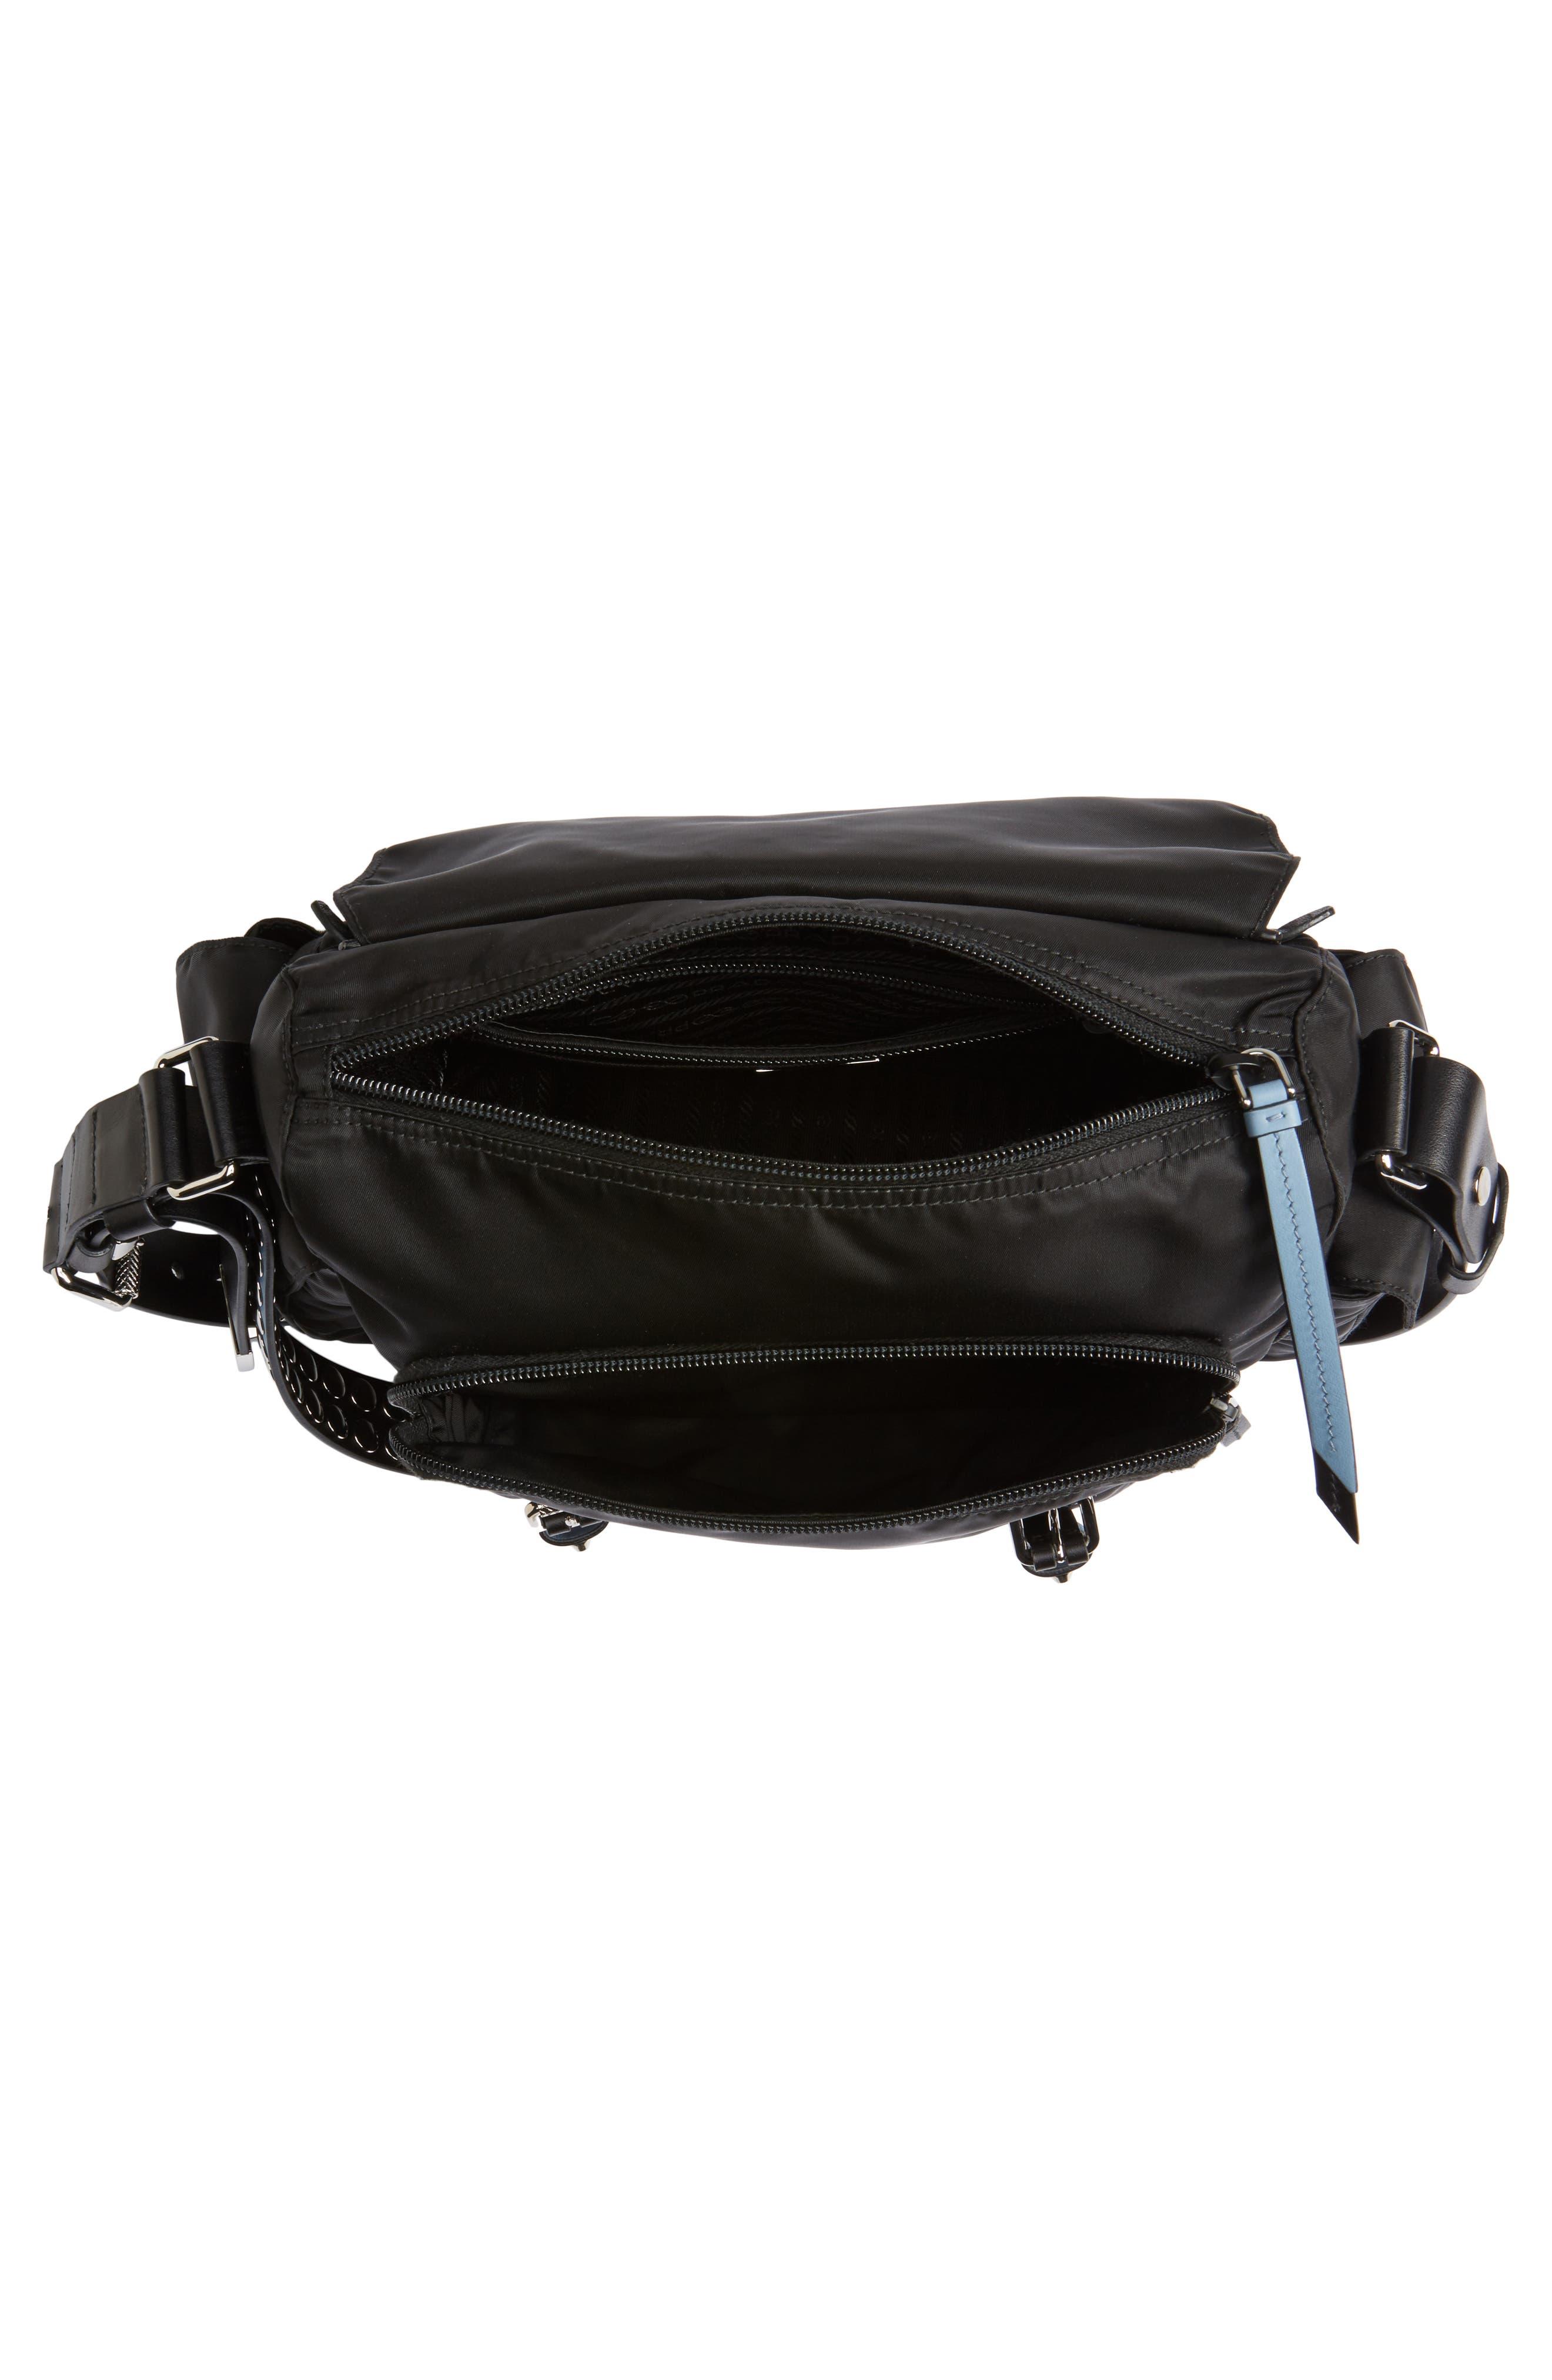 Studded Nylon Messenger Bag,                             Alternate thumbnail 4, color,                             NERO/ ASTRALE